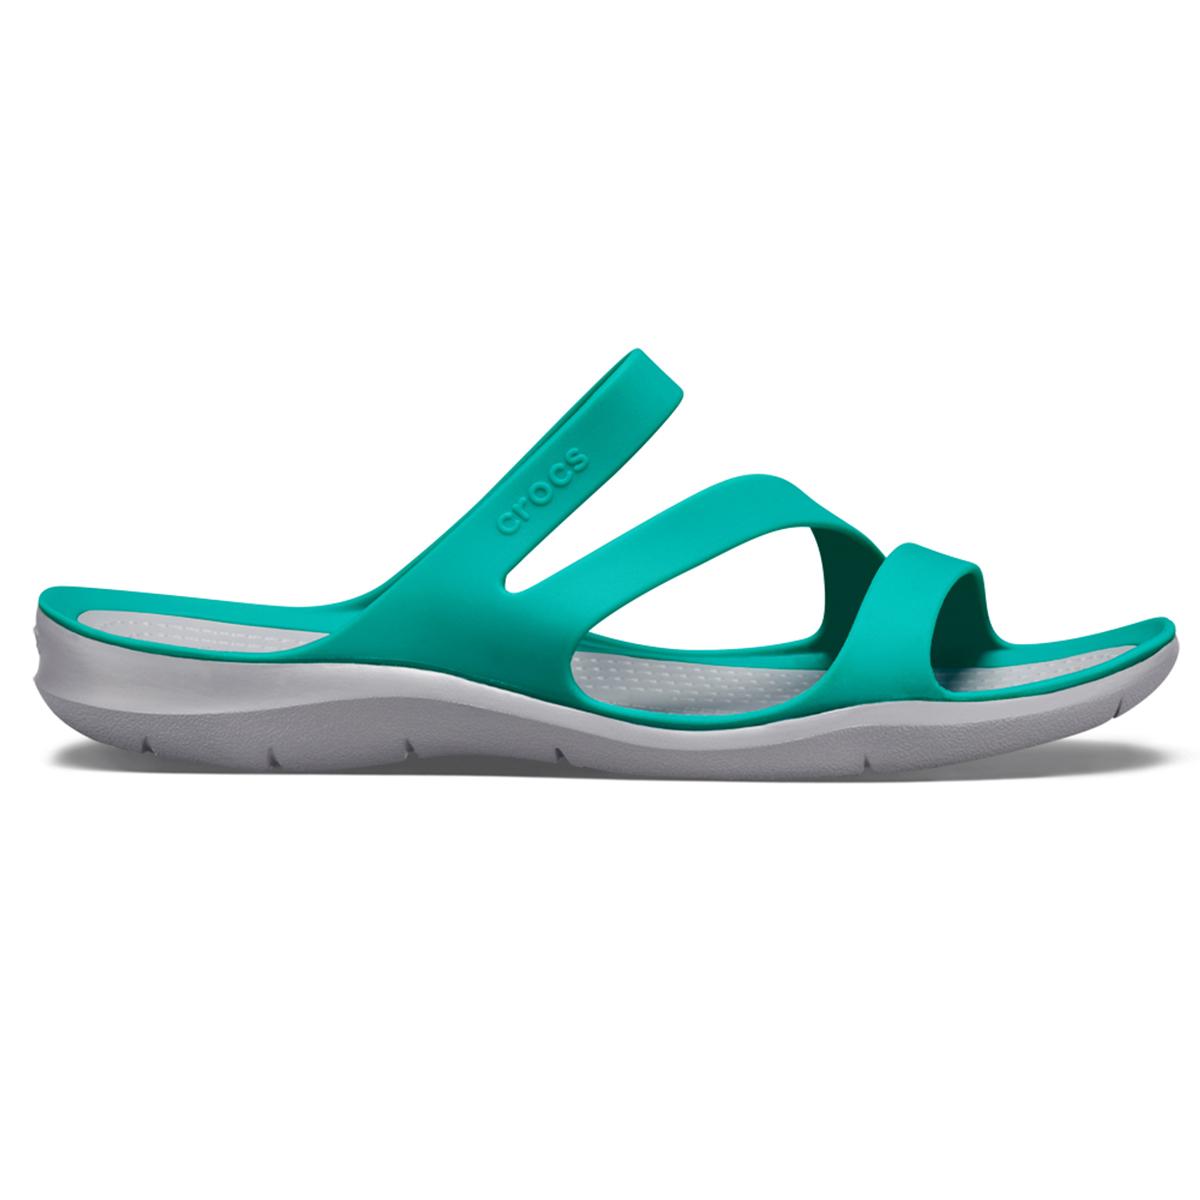 Crocs Swiftwater Sandal W - Tropikal Deniz mavisi/Açık Gri